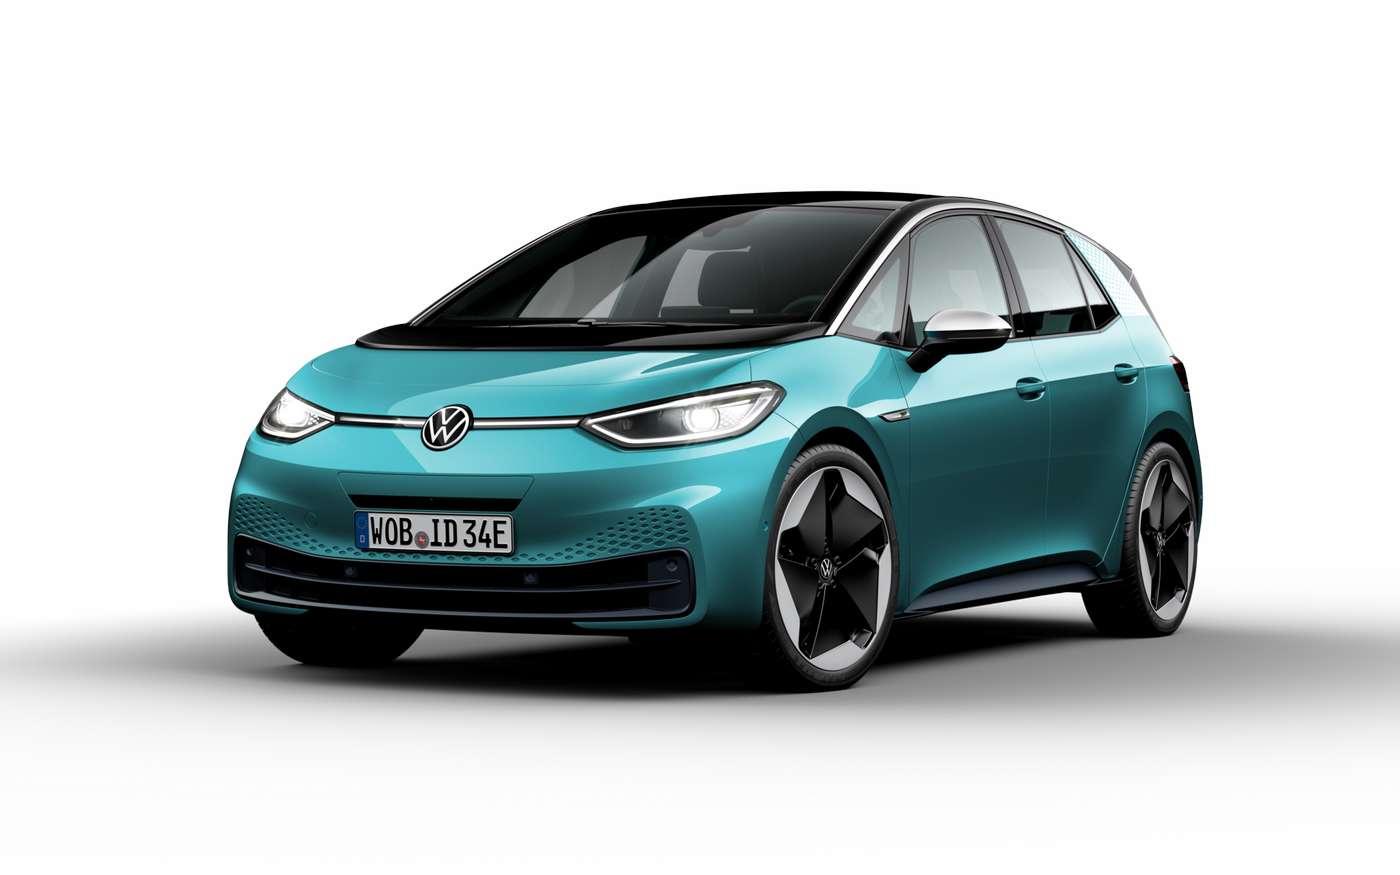 L'ID.3 de Volkswagen. Les premières livraisons sont pour le moment prévues à partir de cet été. © Volkswagen